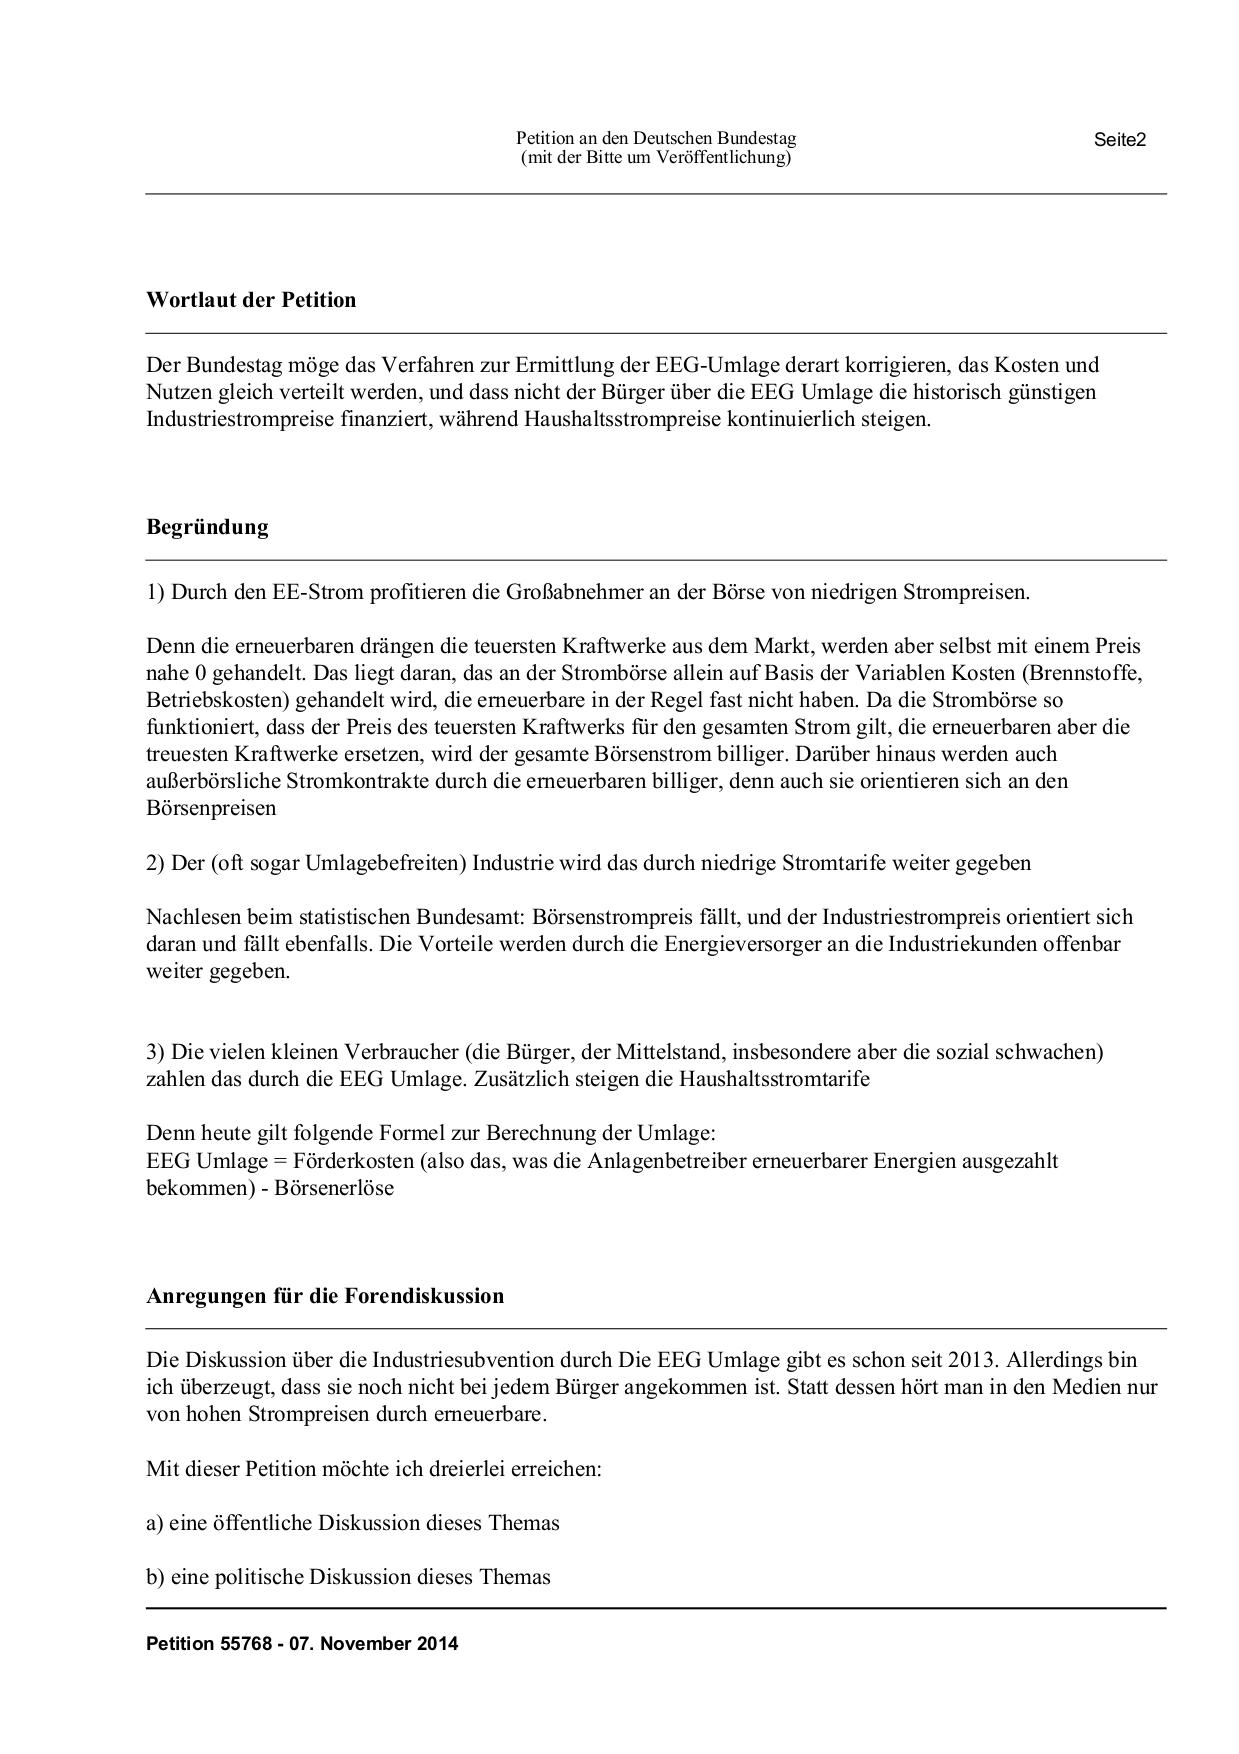 Deine EEG-Umlage finanziert historisch niedrige Industriestrompreise ...